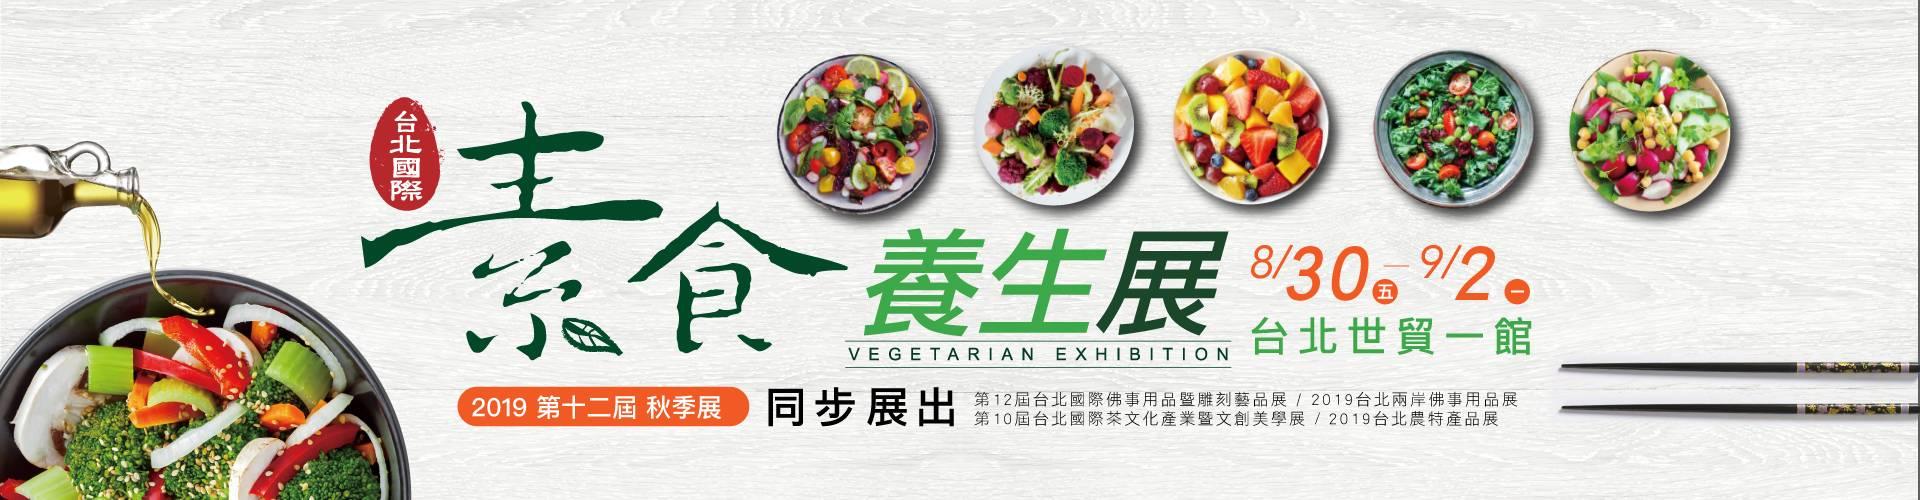 第12屆台北國際素食養生展(秋季展)